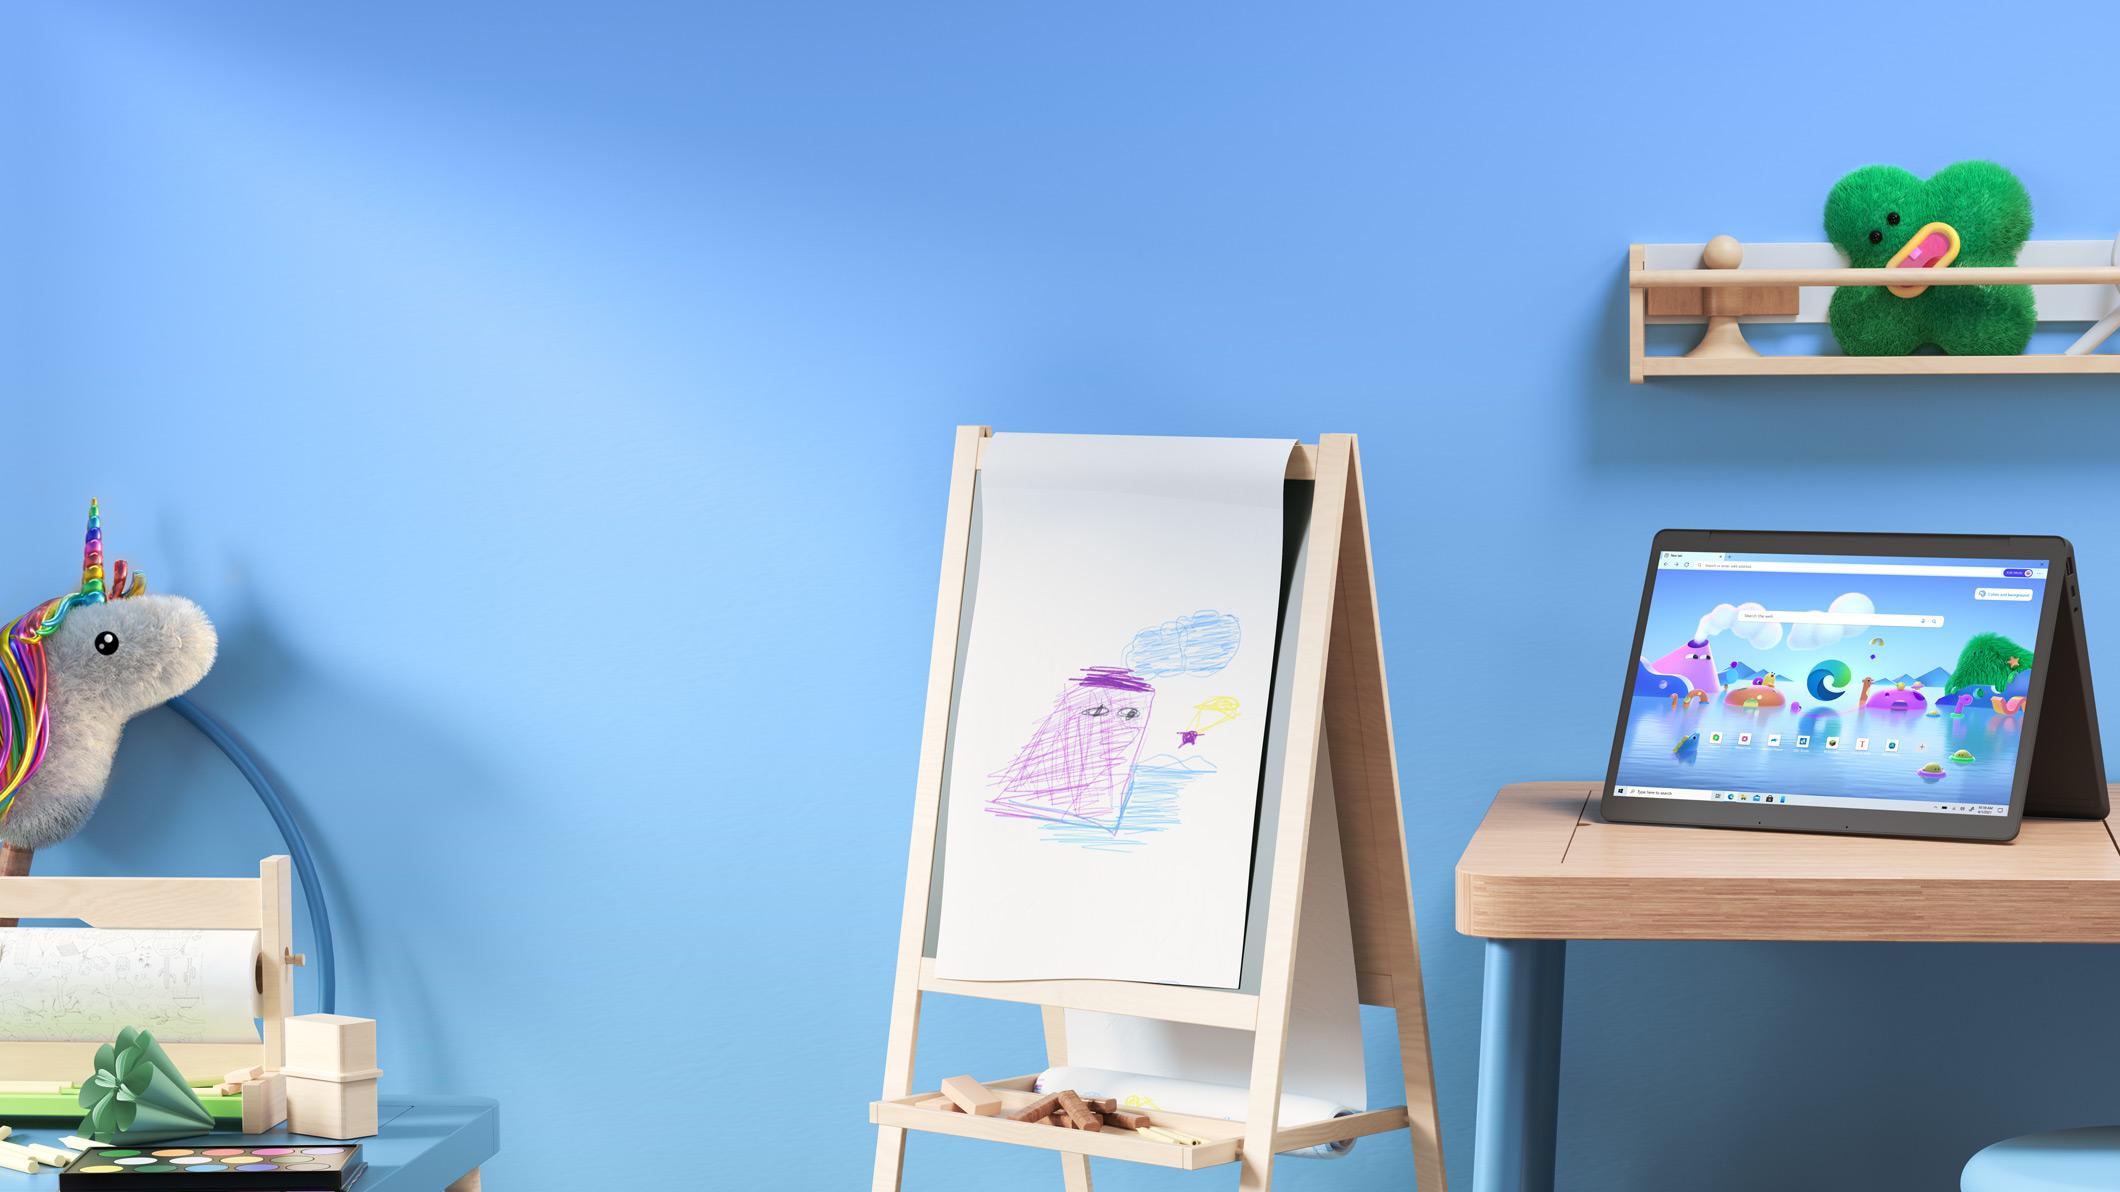 靠墙放着毛绒动物玩具、一副画架以及一台打开一定角度的笔记本电脑,屏幕上显示 Microsoft Edge 儿童模式